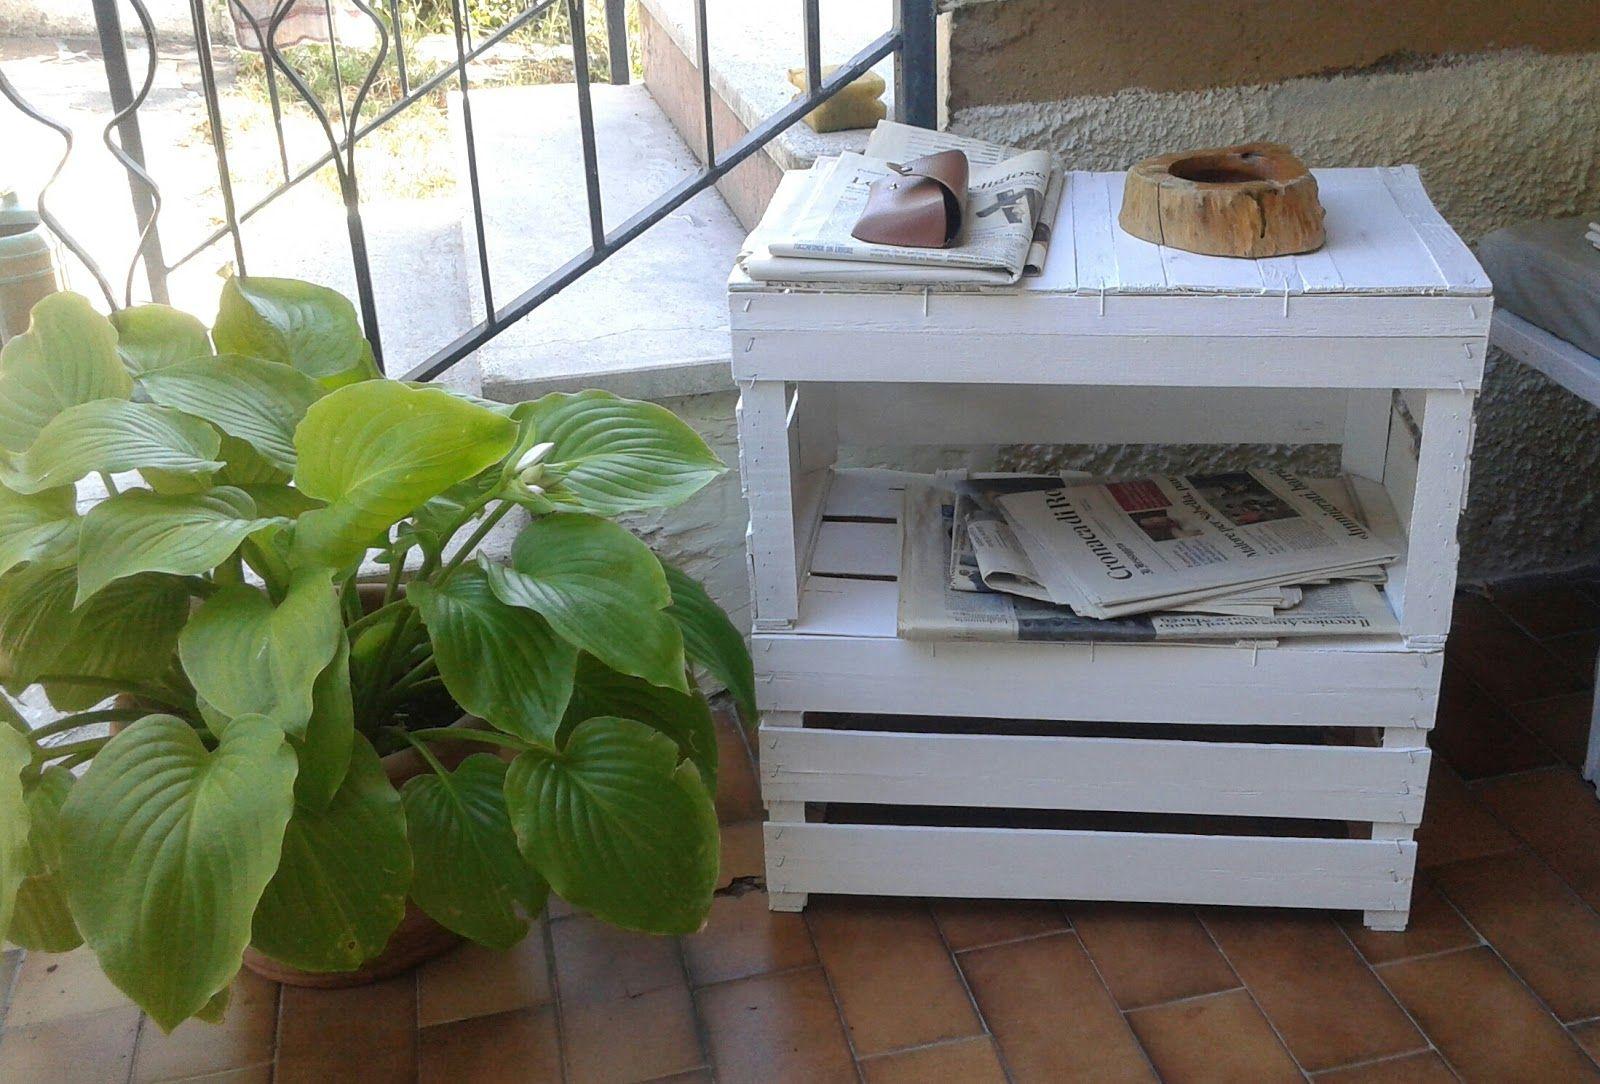 Credenza Con Cassette Frutta : Centomilaidee: tavolino con cassette per la frutta riciclo